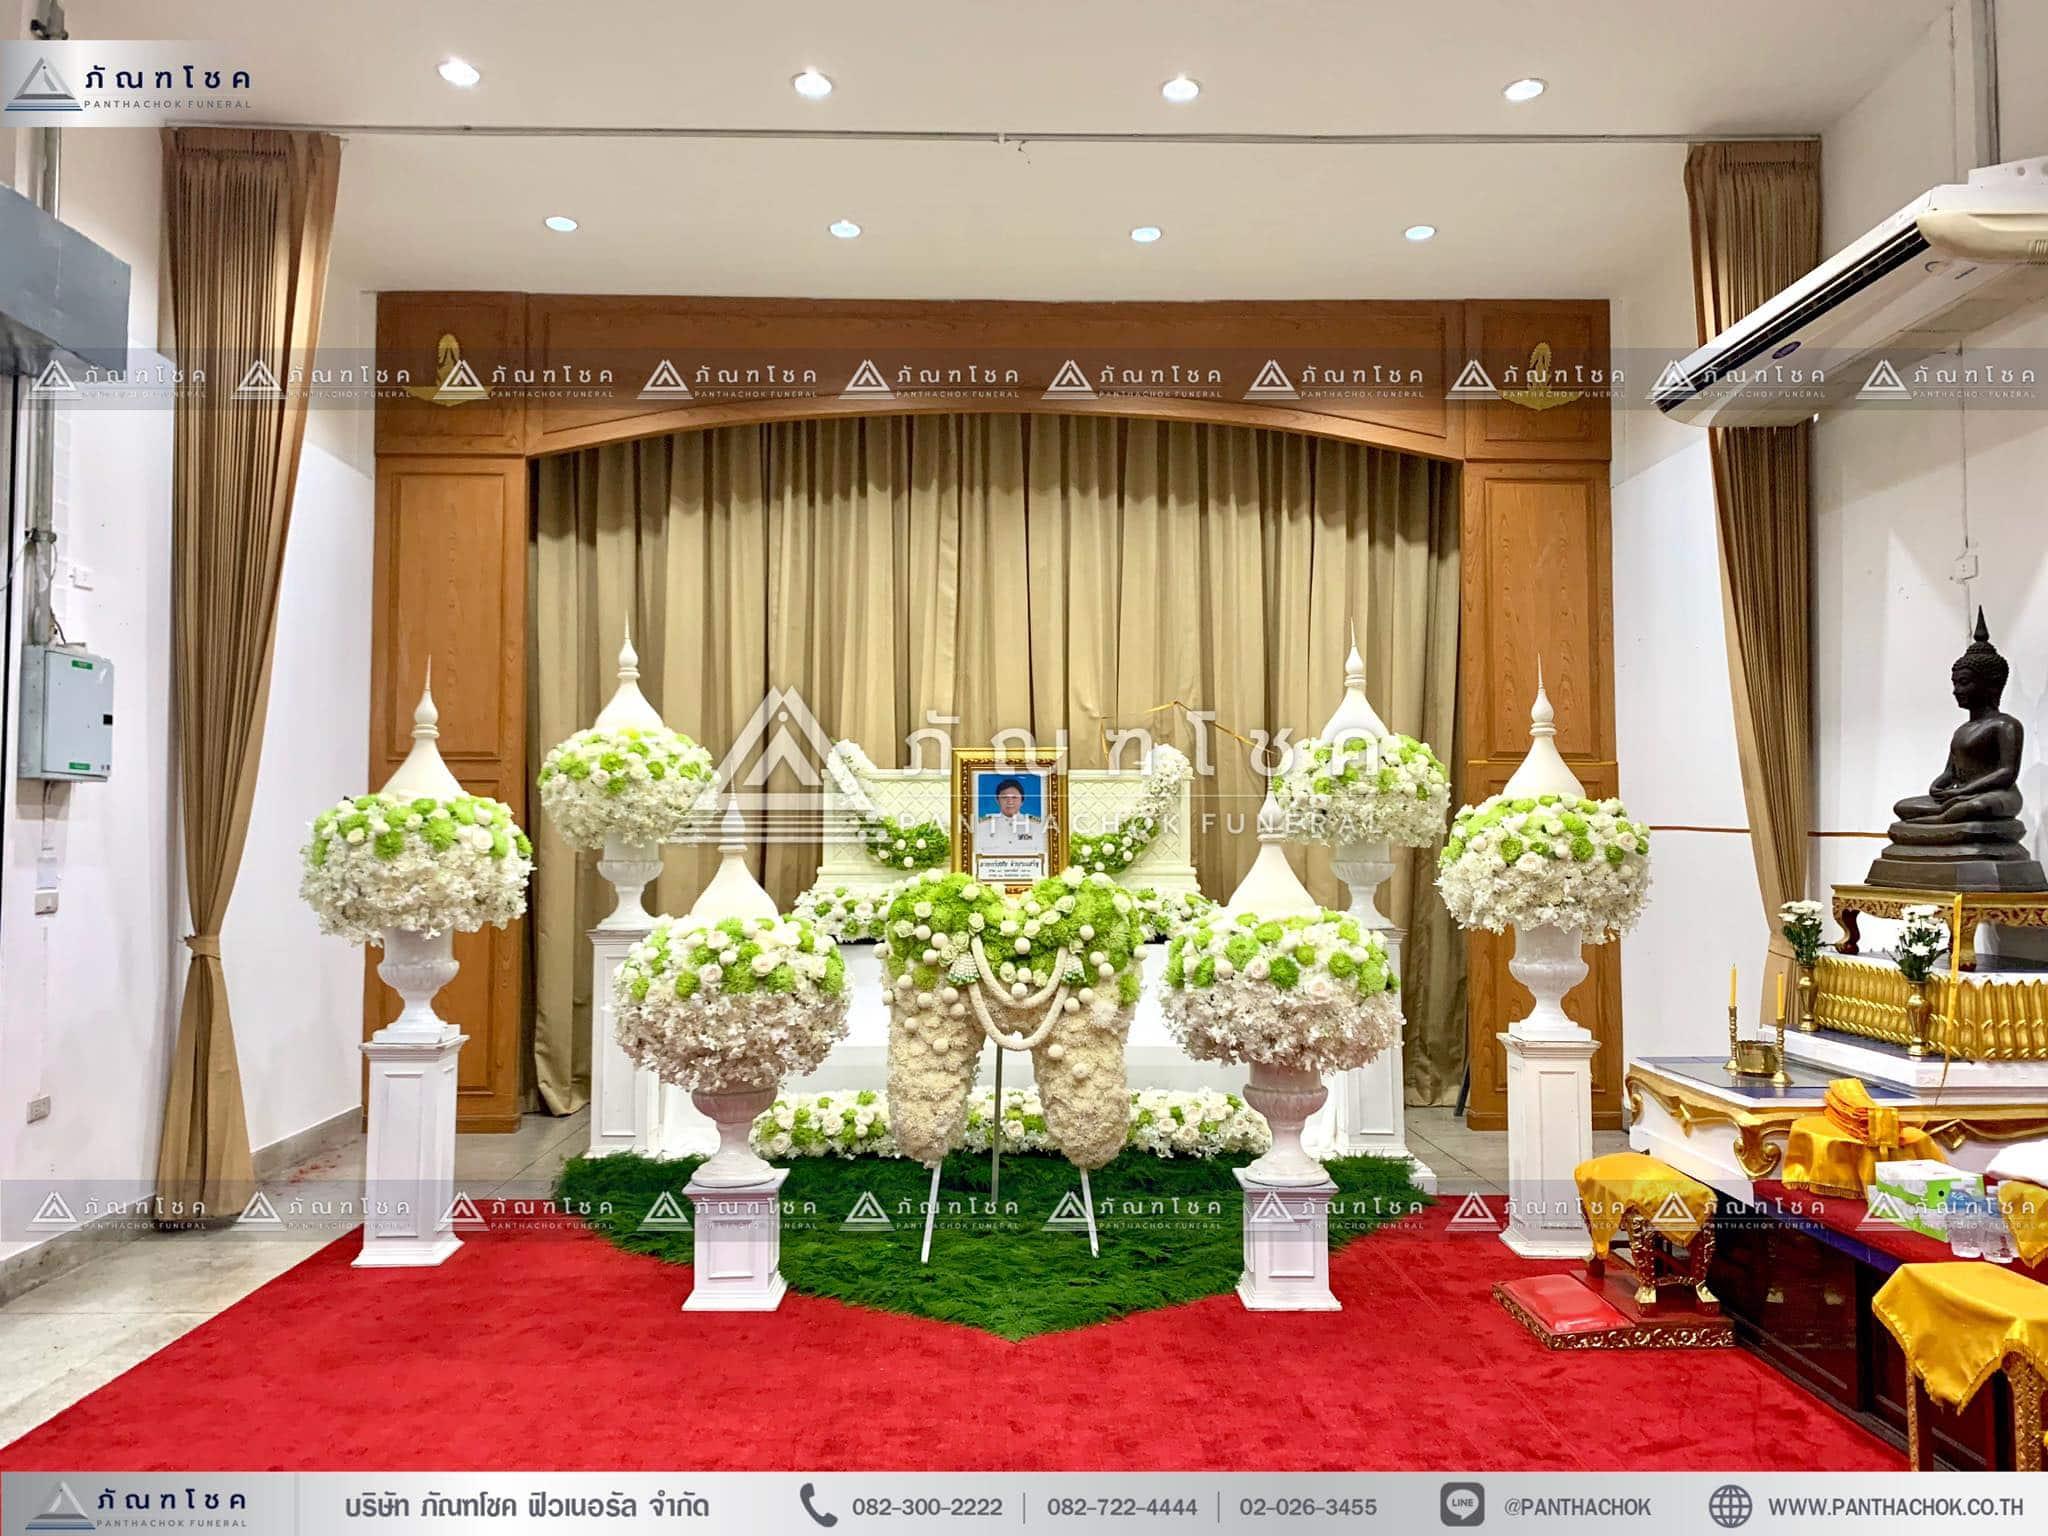 ดอกไม้หน้าศพไทยประยุต์ ดอกไม้หน้าโกศ พรีเมียร์